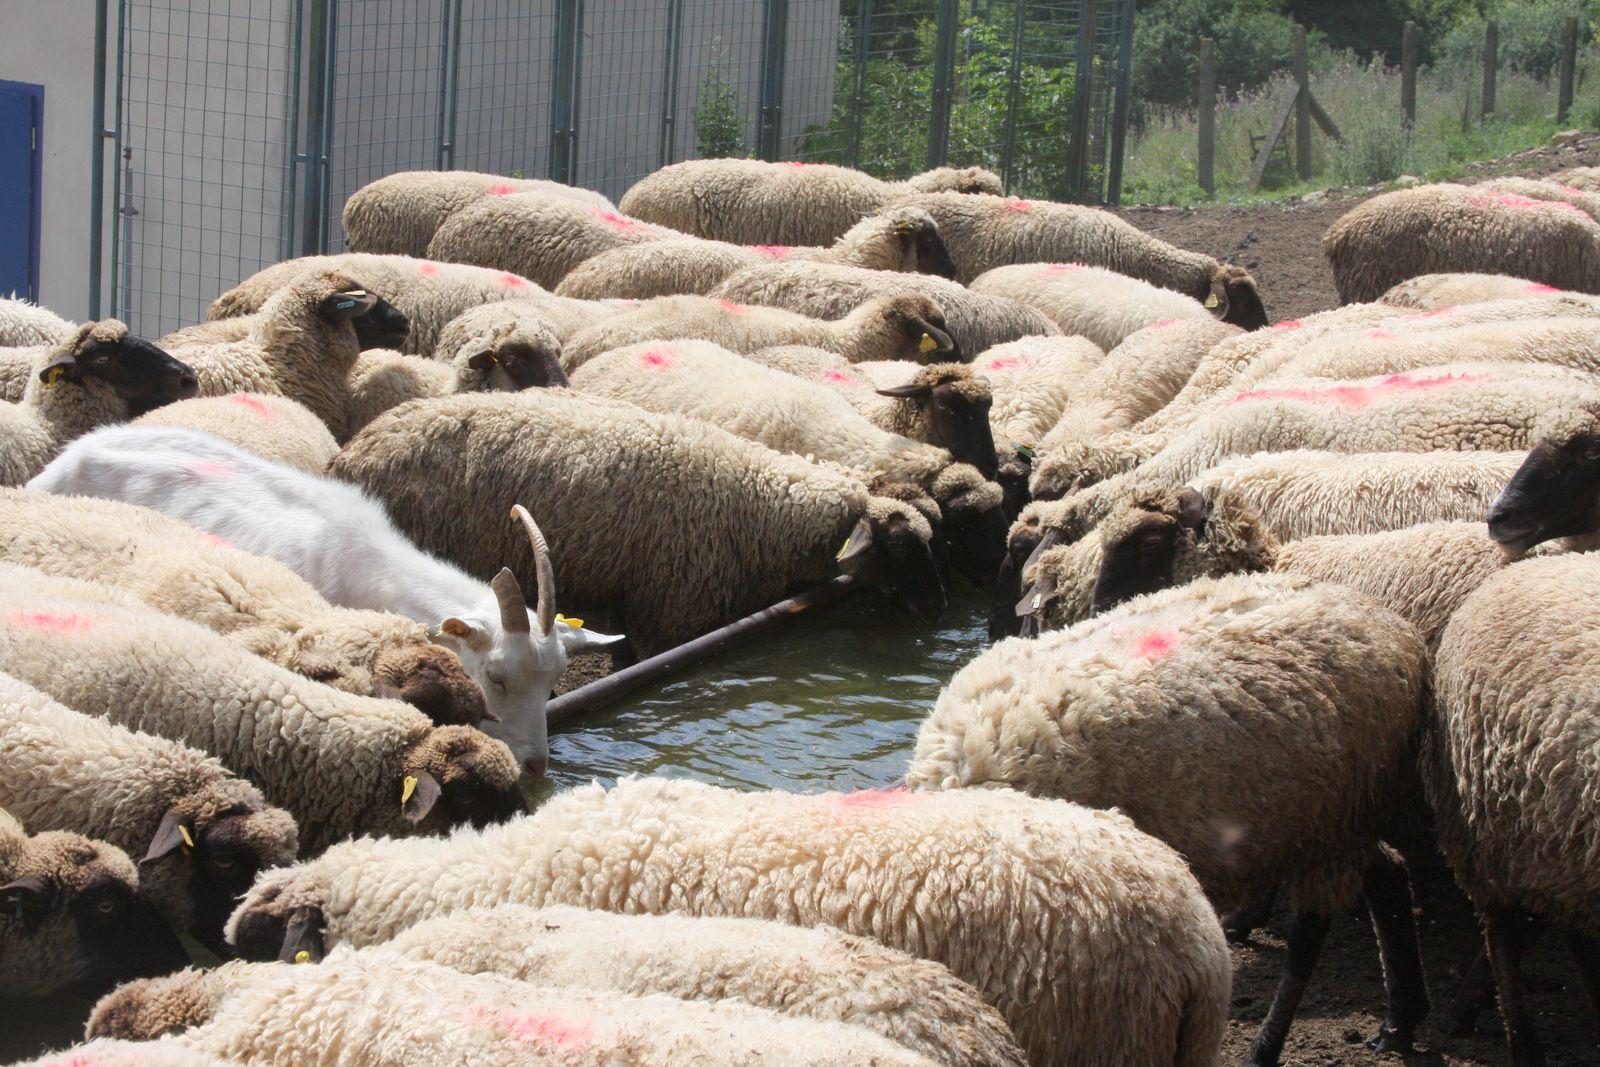 Na ekofarme chovajú967 oviec, 184 kôz, 170 kráv a 100 býkov.